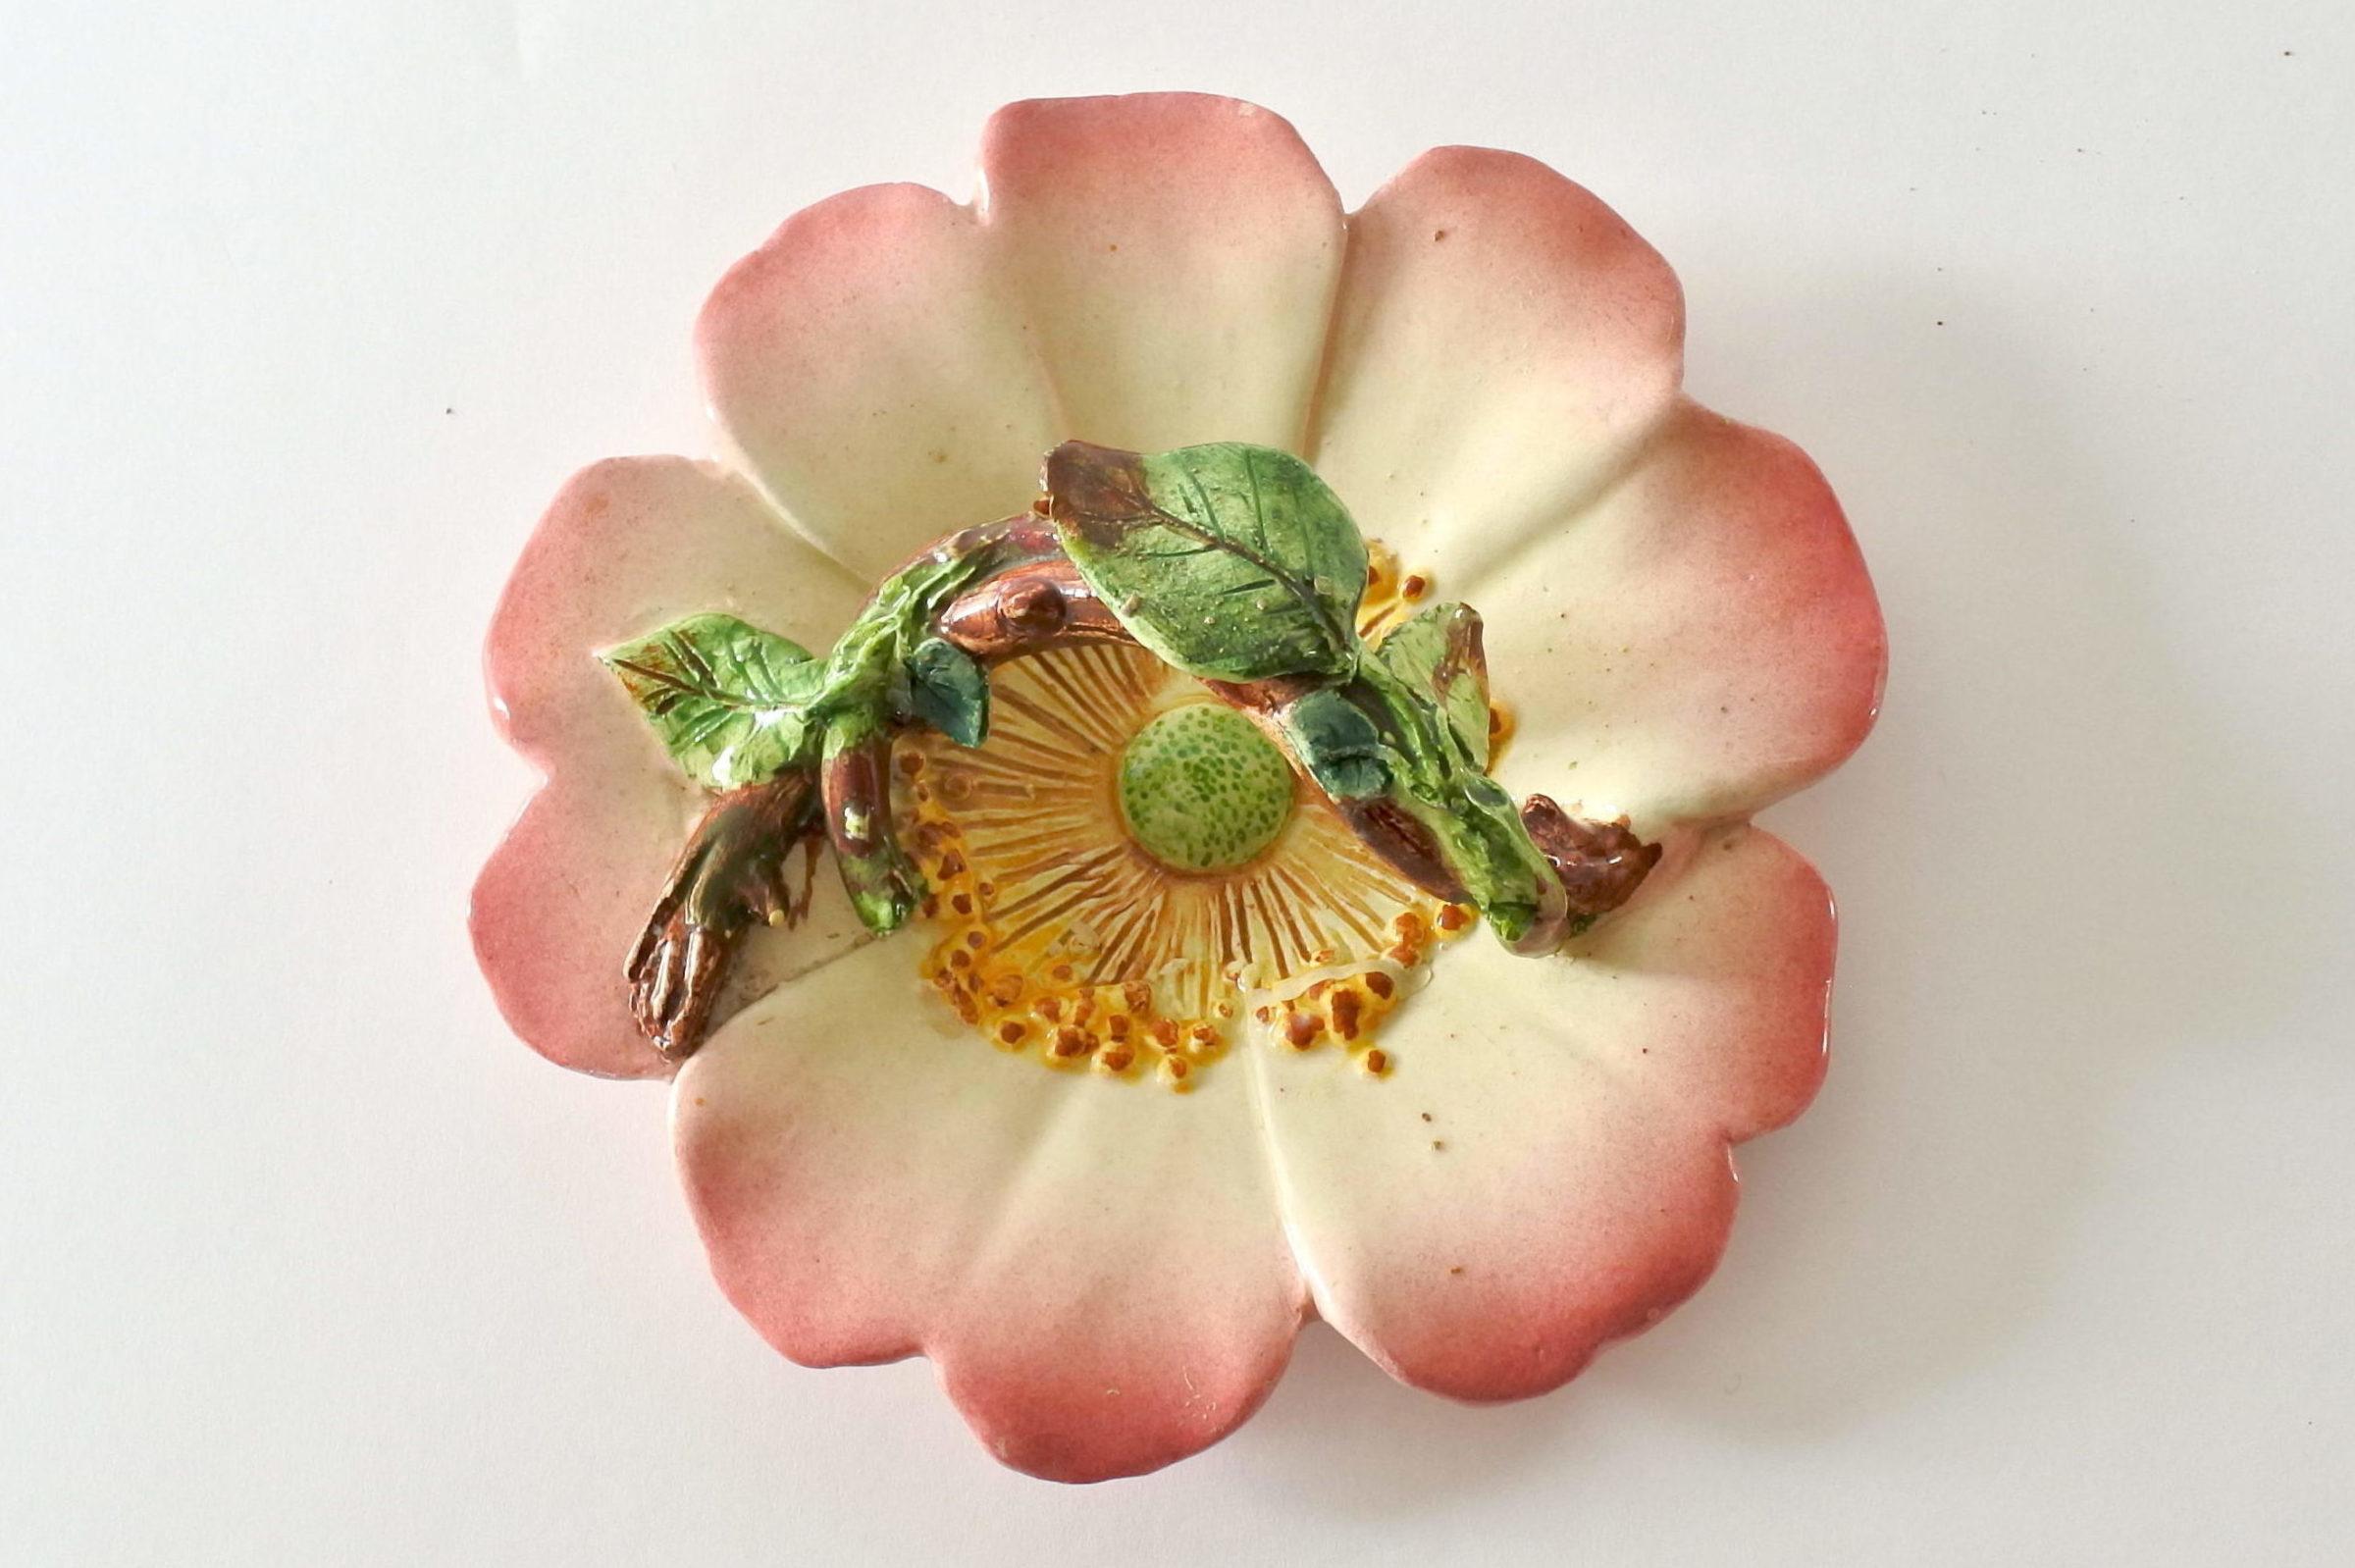 Cestino in ceramica barbotine a forma di rosa canina - Delphin Massier - 7